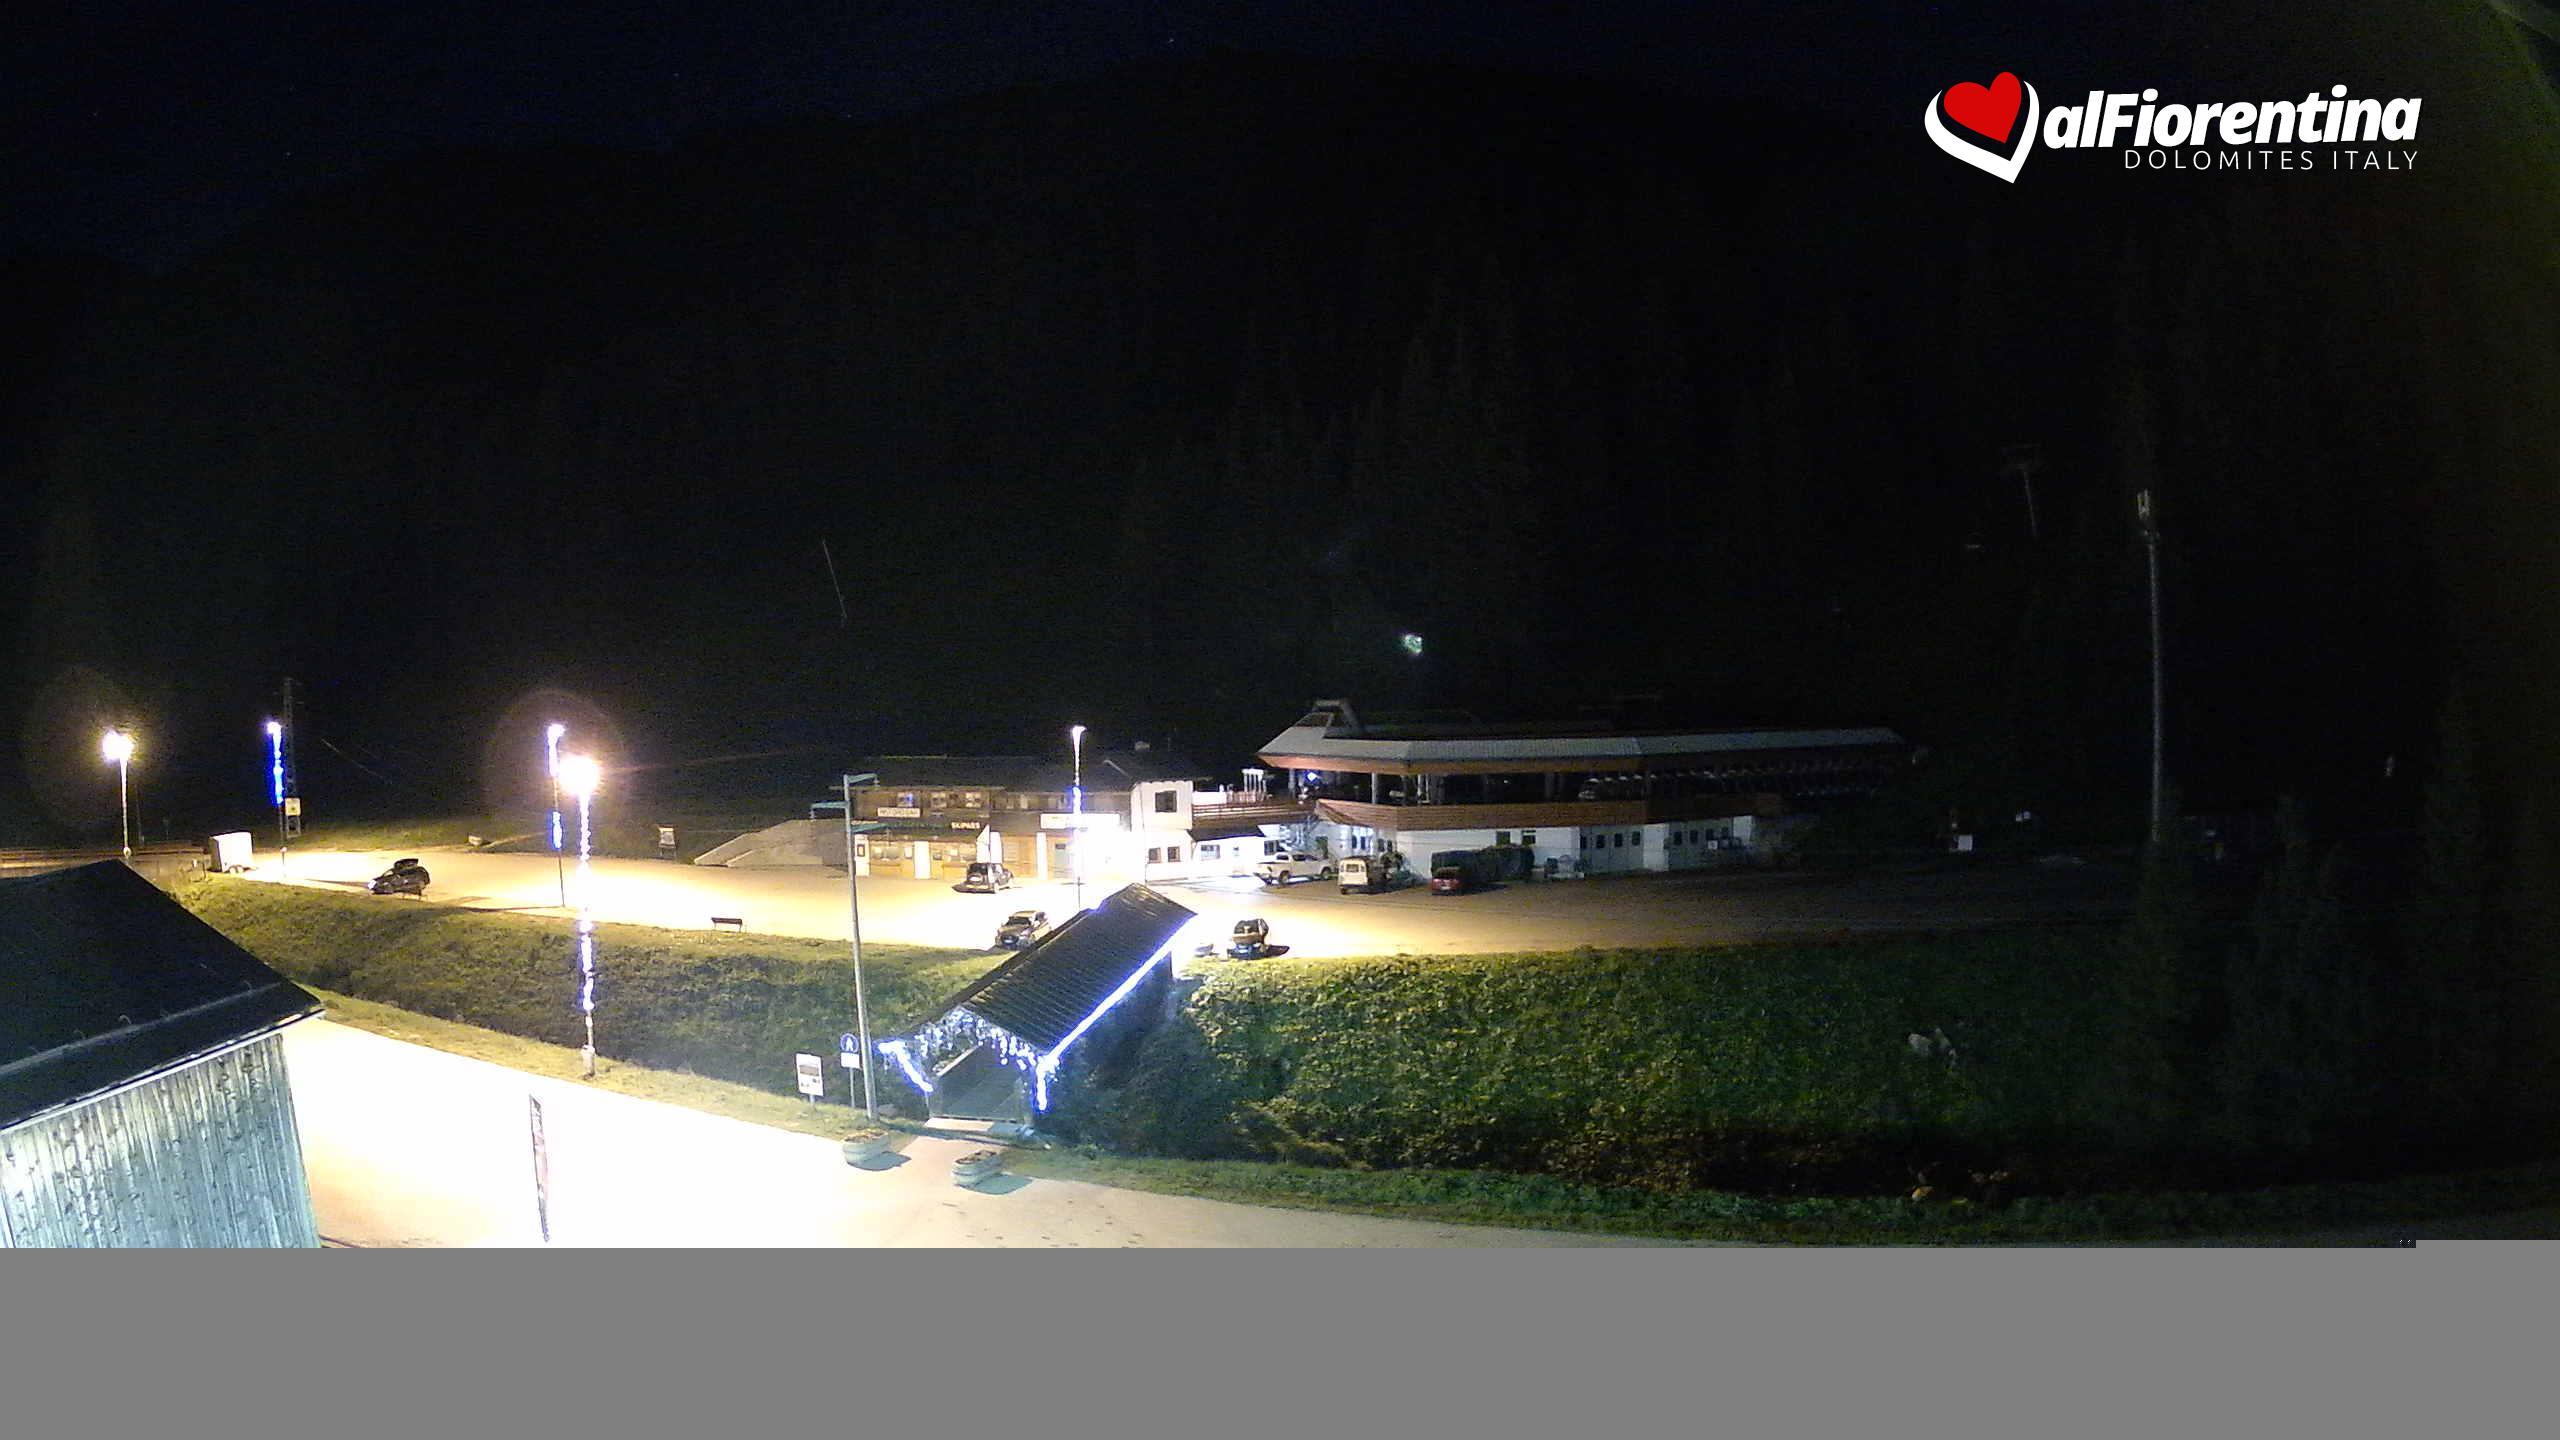 Pescul - Partenza impianti ski Civetta